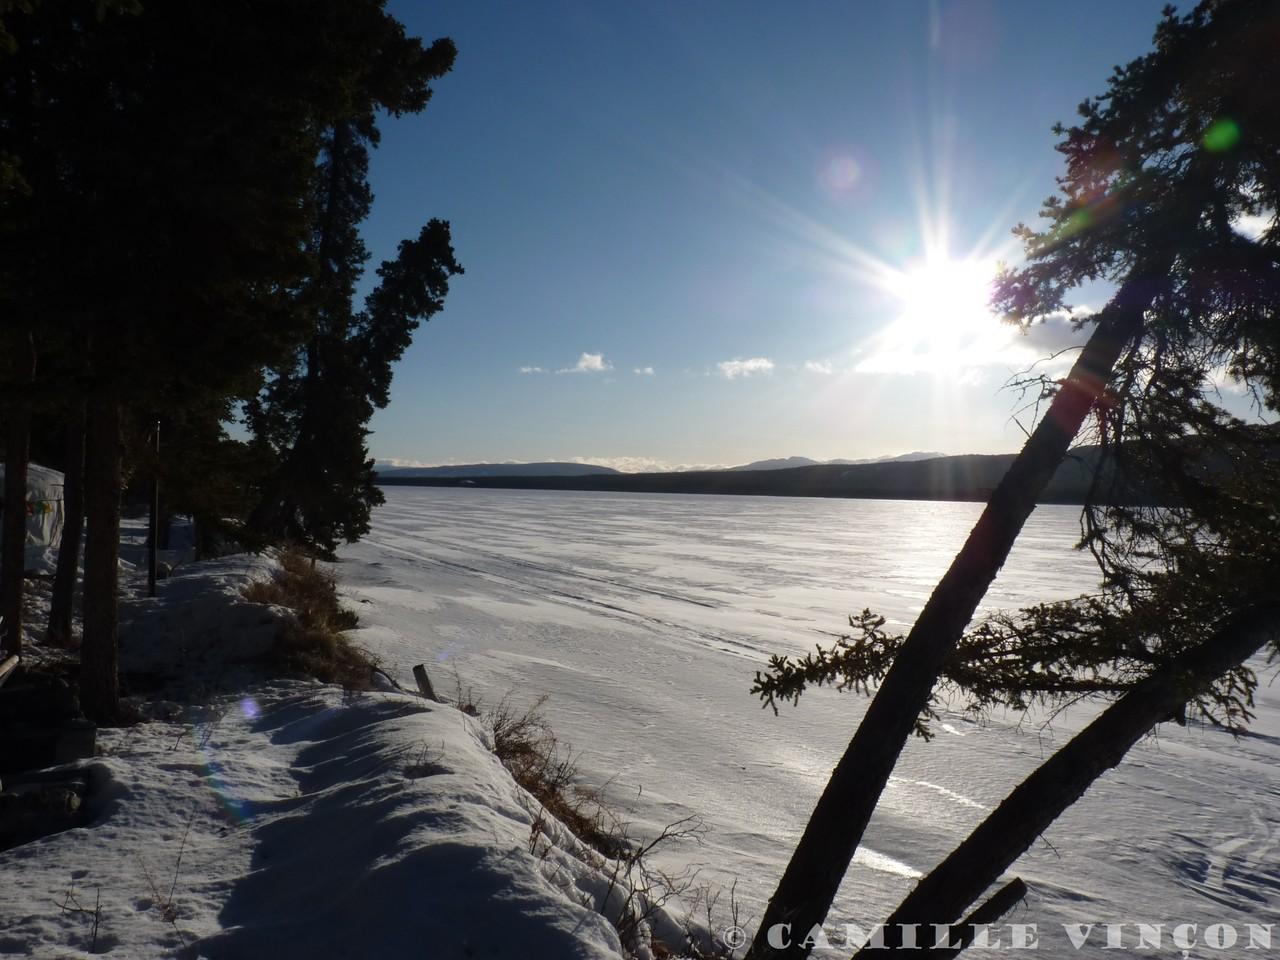 Lever du soleil sur un lac, une matinée ensoleillée de mars.